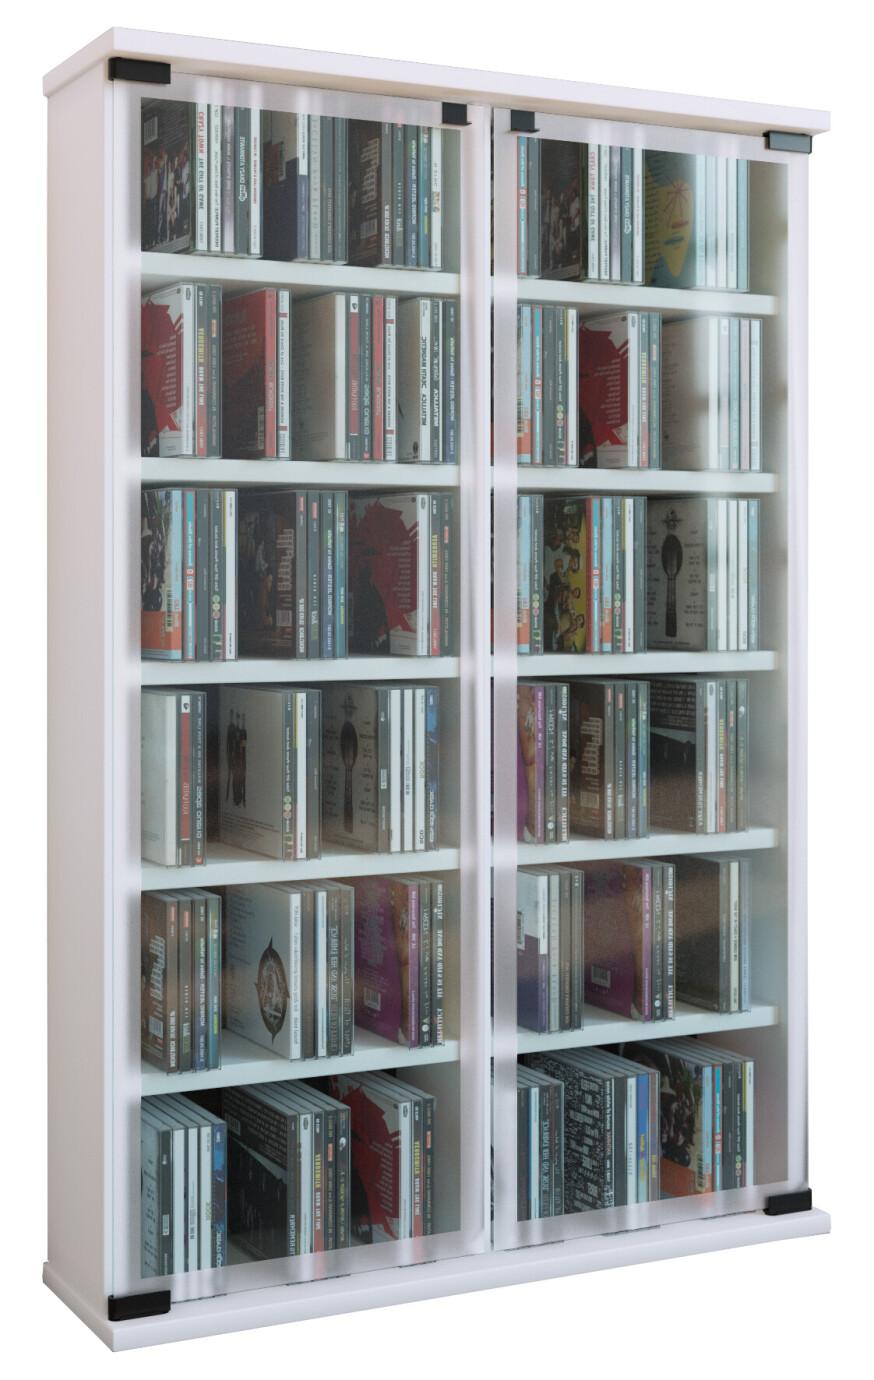 Vcm Cd Dvd Mobel Galerie Schrank Regal Weiss Beamershop24 De